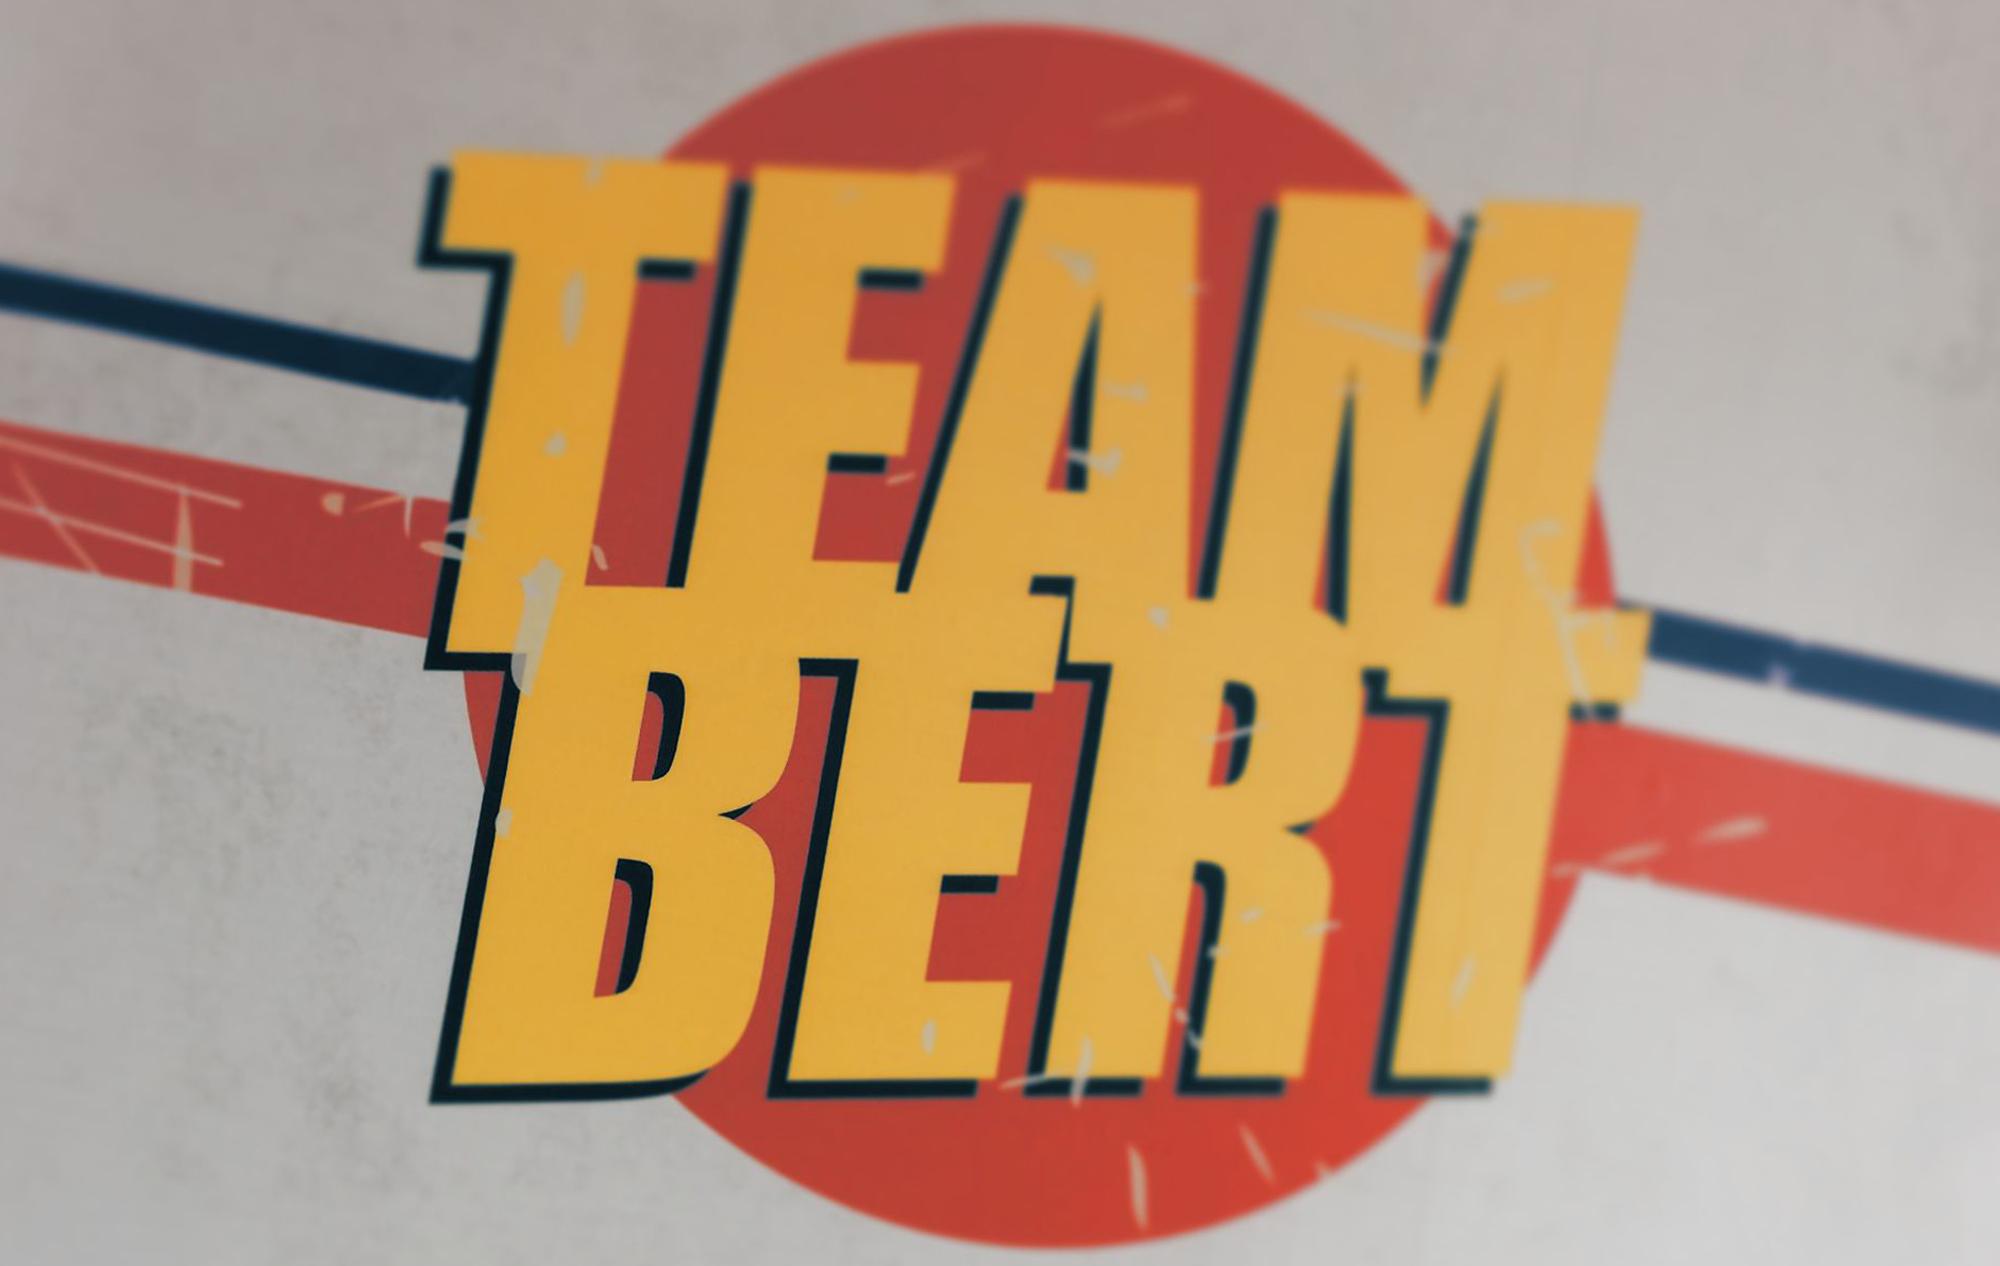 בית לאומנויות לחימה אבן גבירול -TEAM BERT